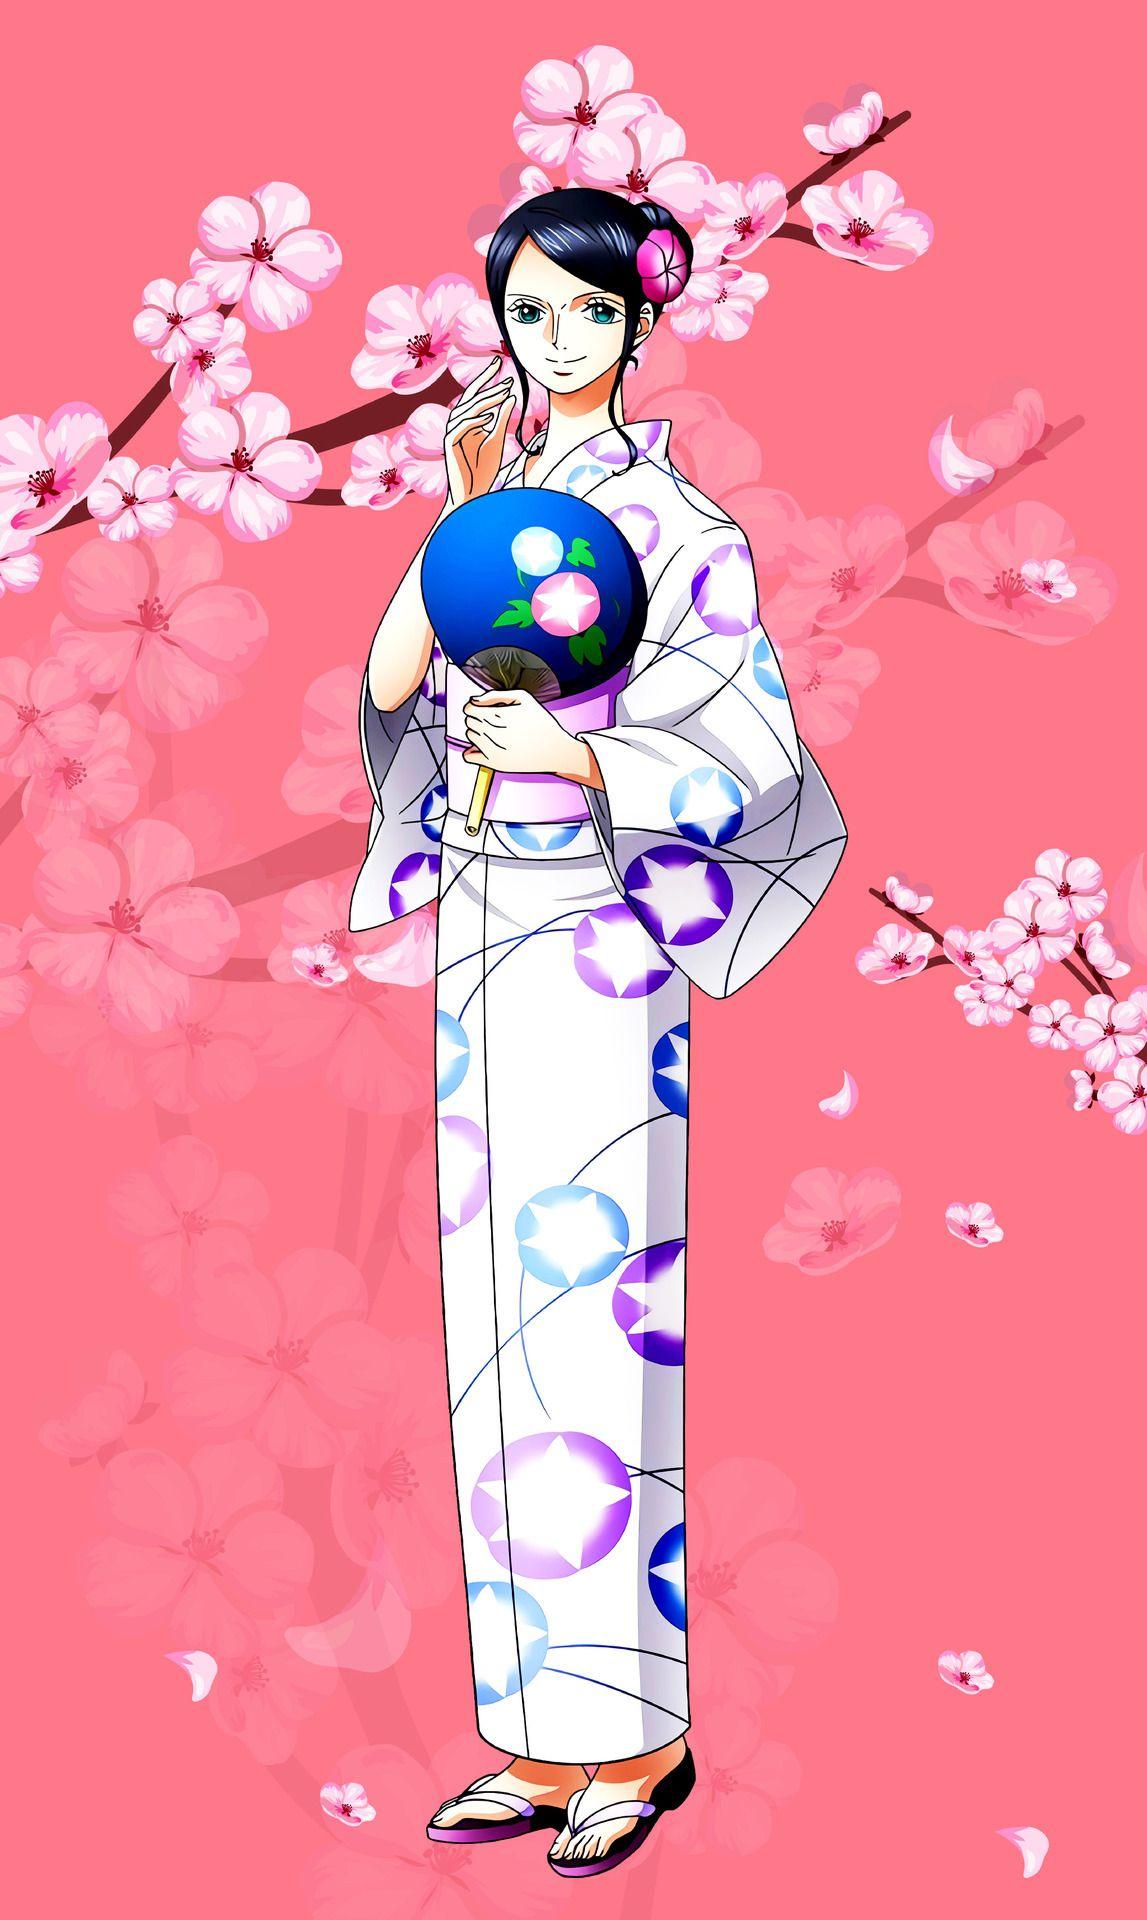 Halloween One Piece One piece anime, One piece nami, One